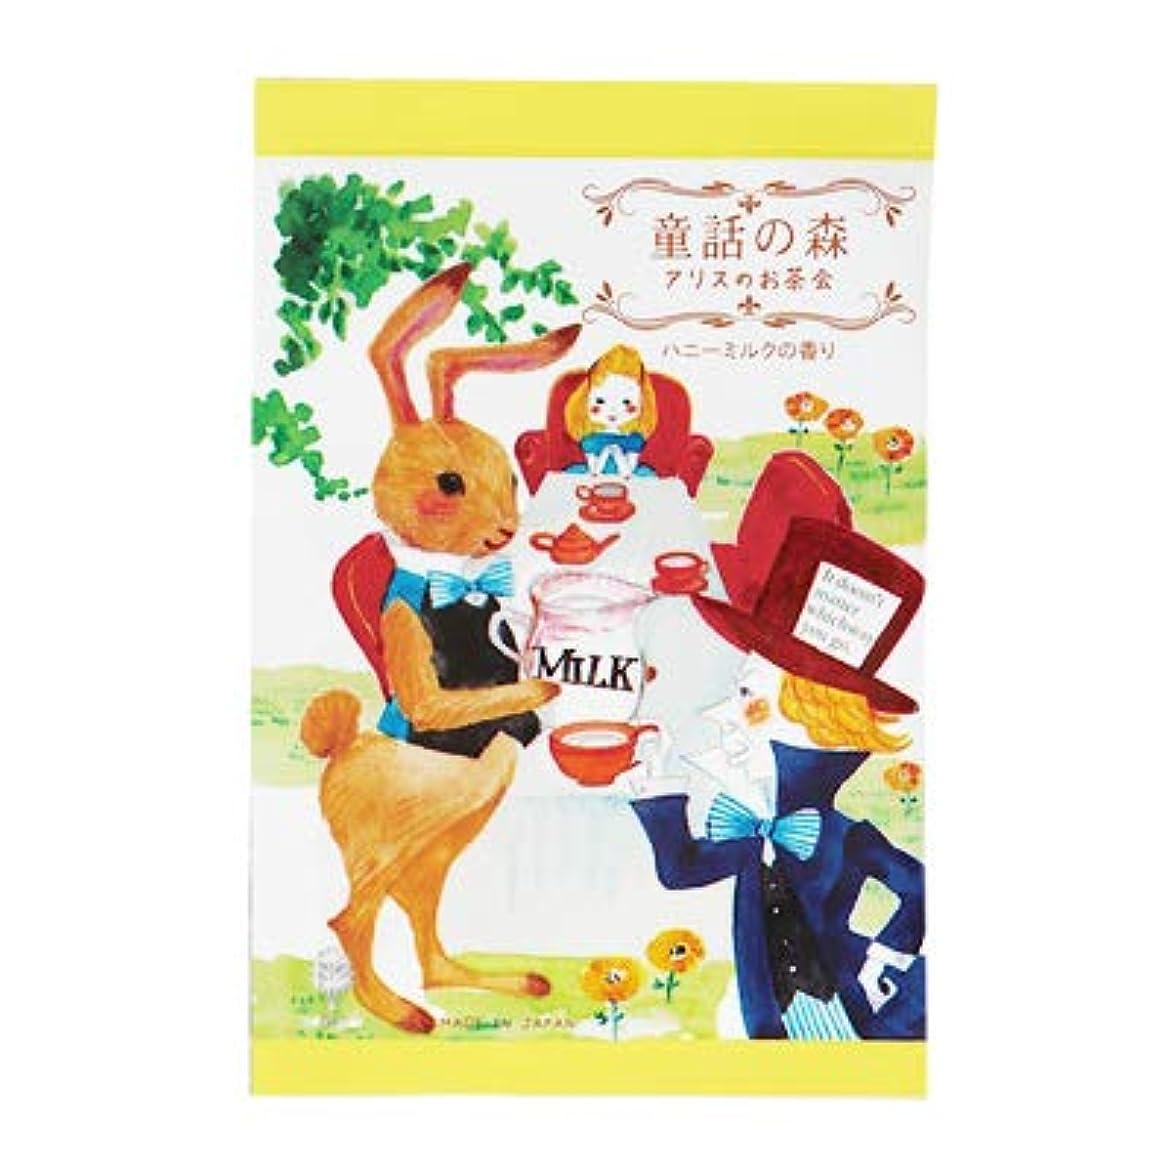 経度着陸セミナー【まとめ買い6個セット】 童話の森 アリスのお茶会